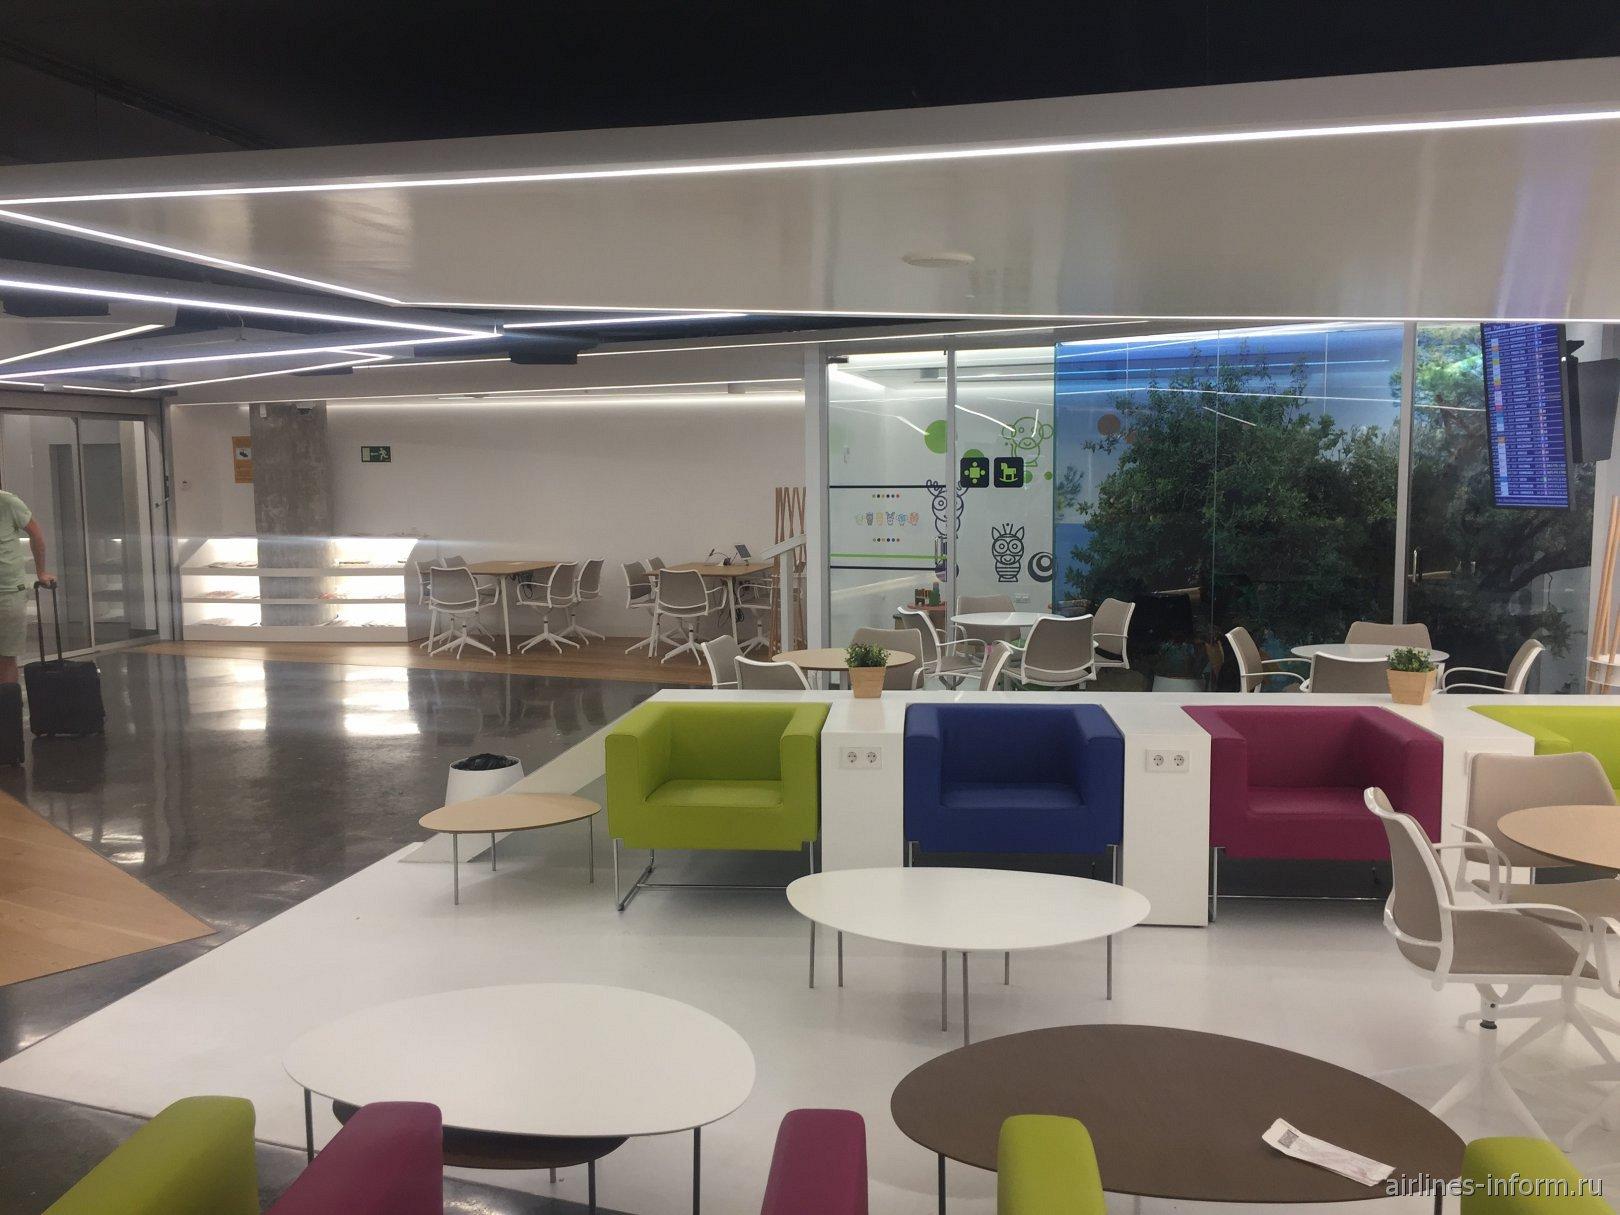 Бизнес-зал в аэропорту Пальма-де-Мальорка